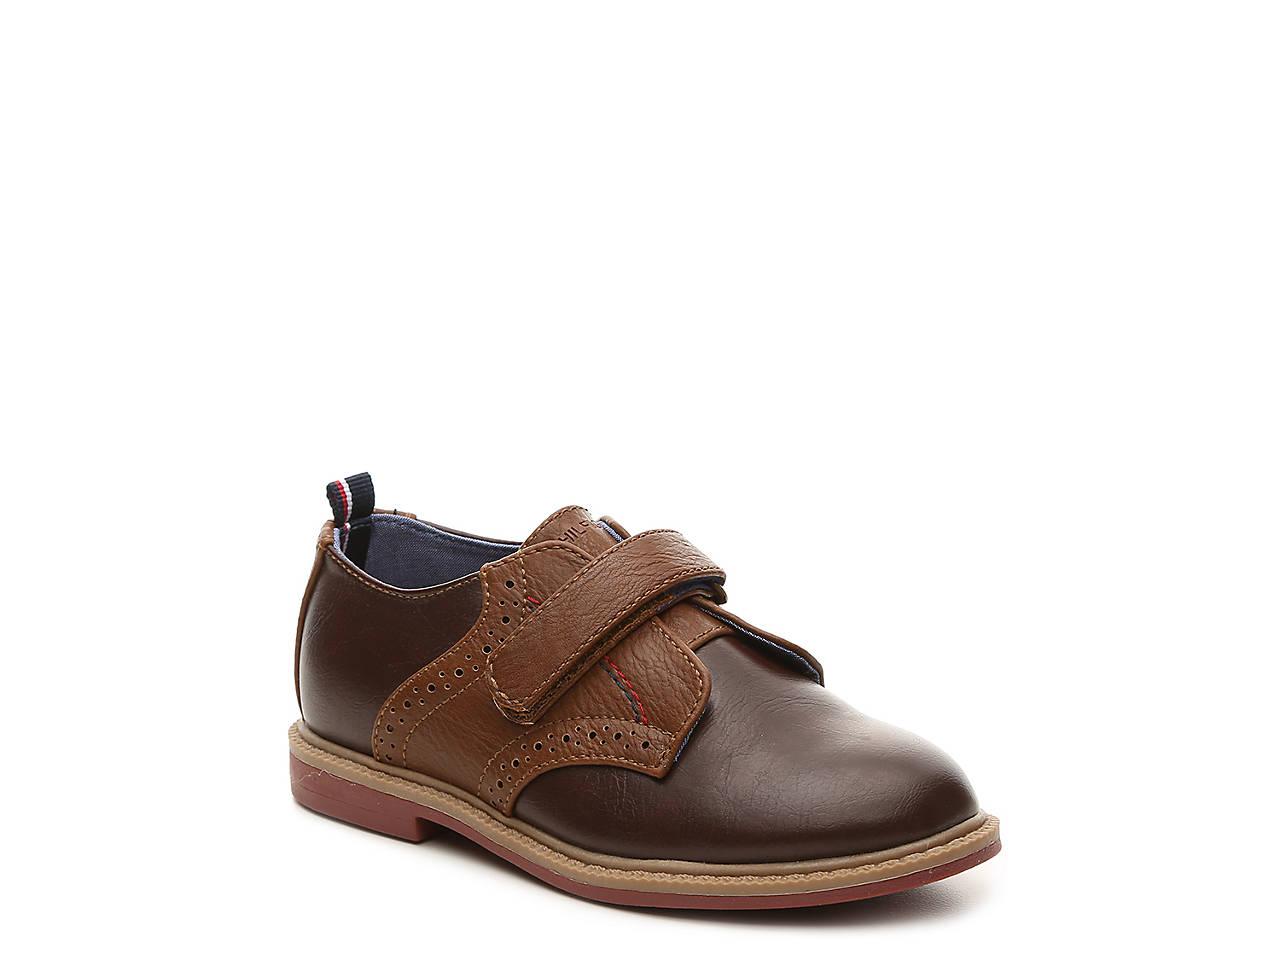 c7ed4fec Tommy Hilfiger Michael Toddler Saddle Oxford Kids Shoes | DSW